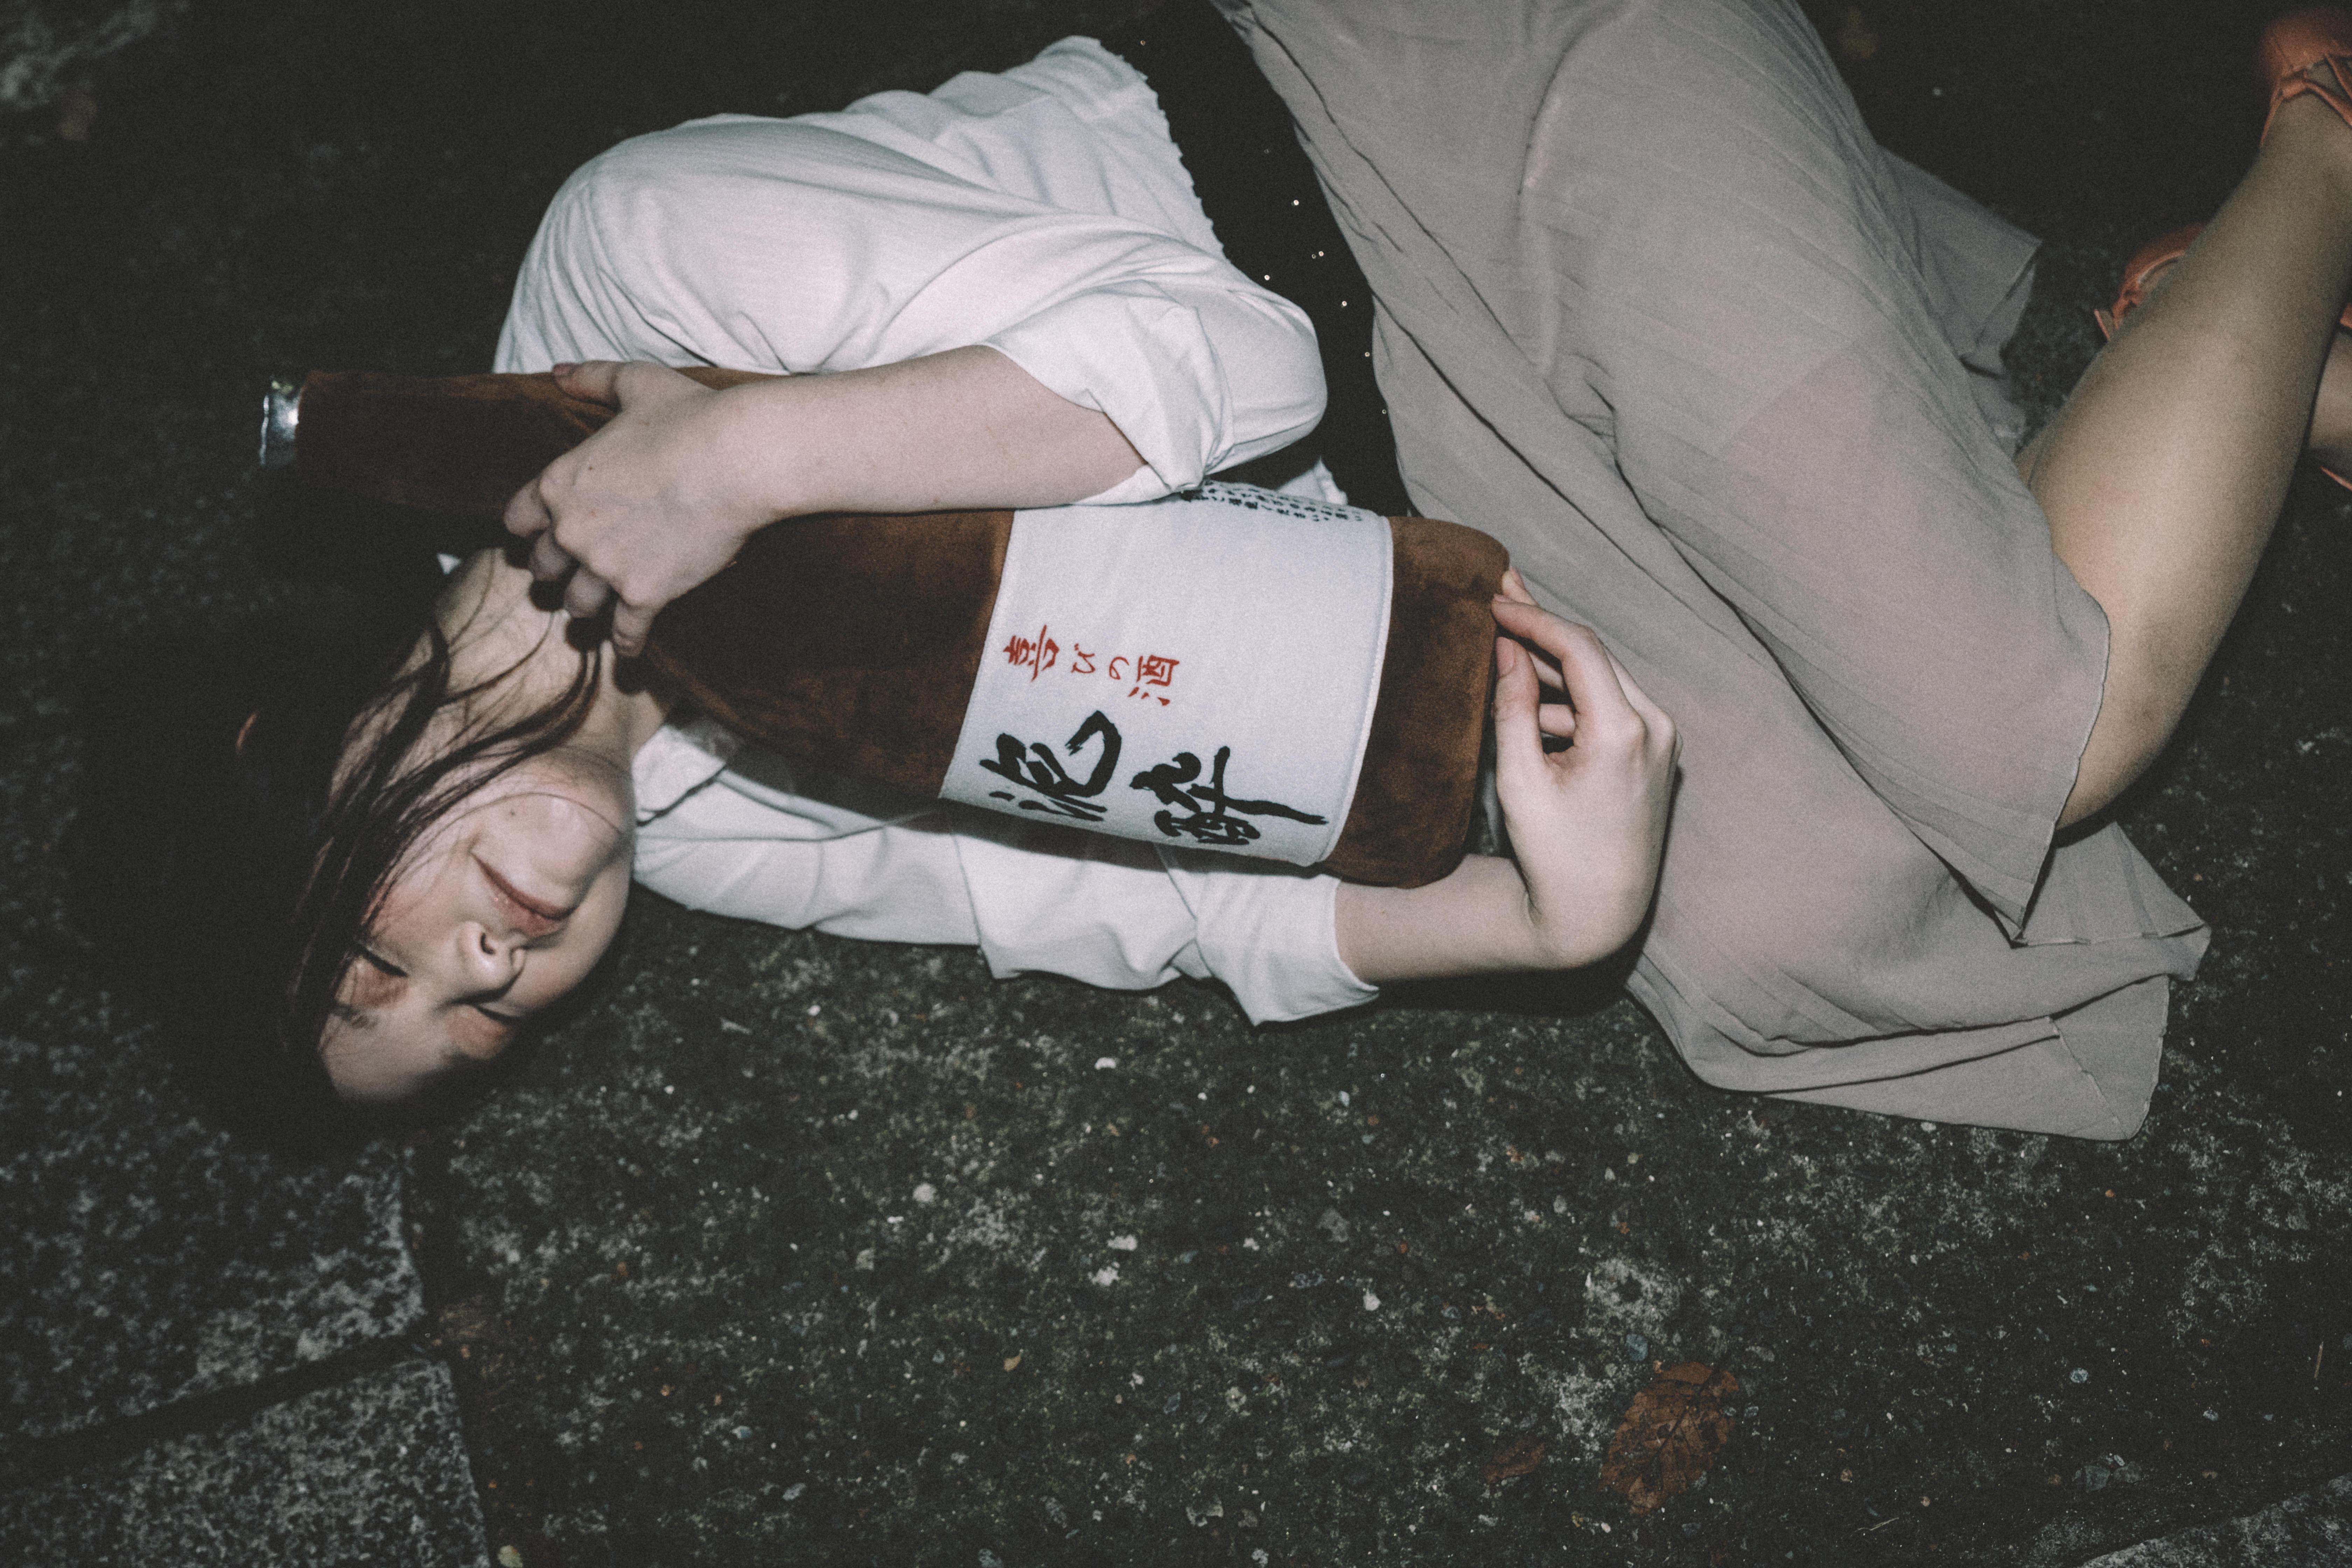 サヨナラ私の愛しき人よ。私は今夜も一升瓶に抱かれて眠る。